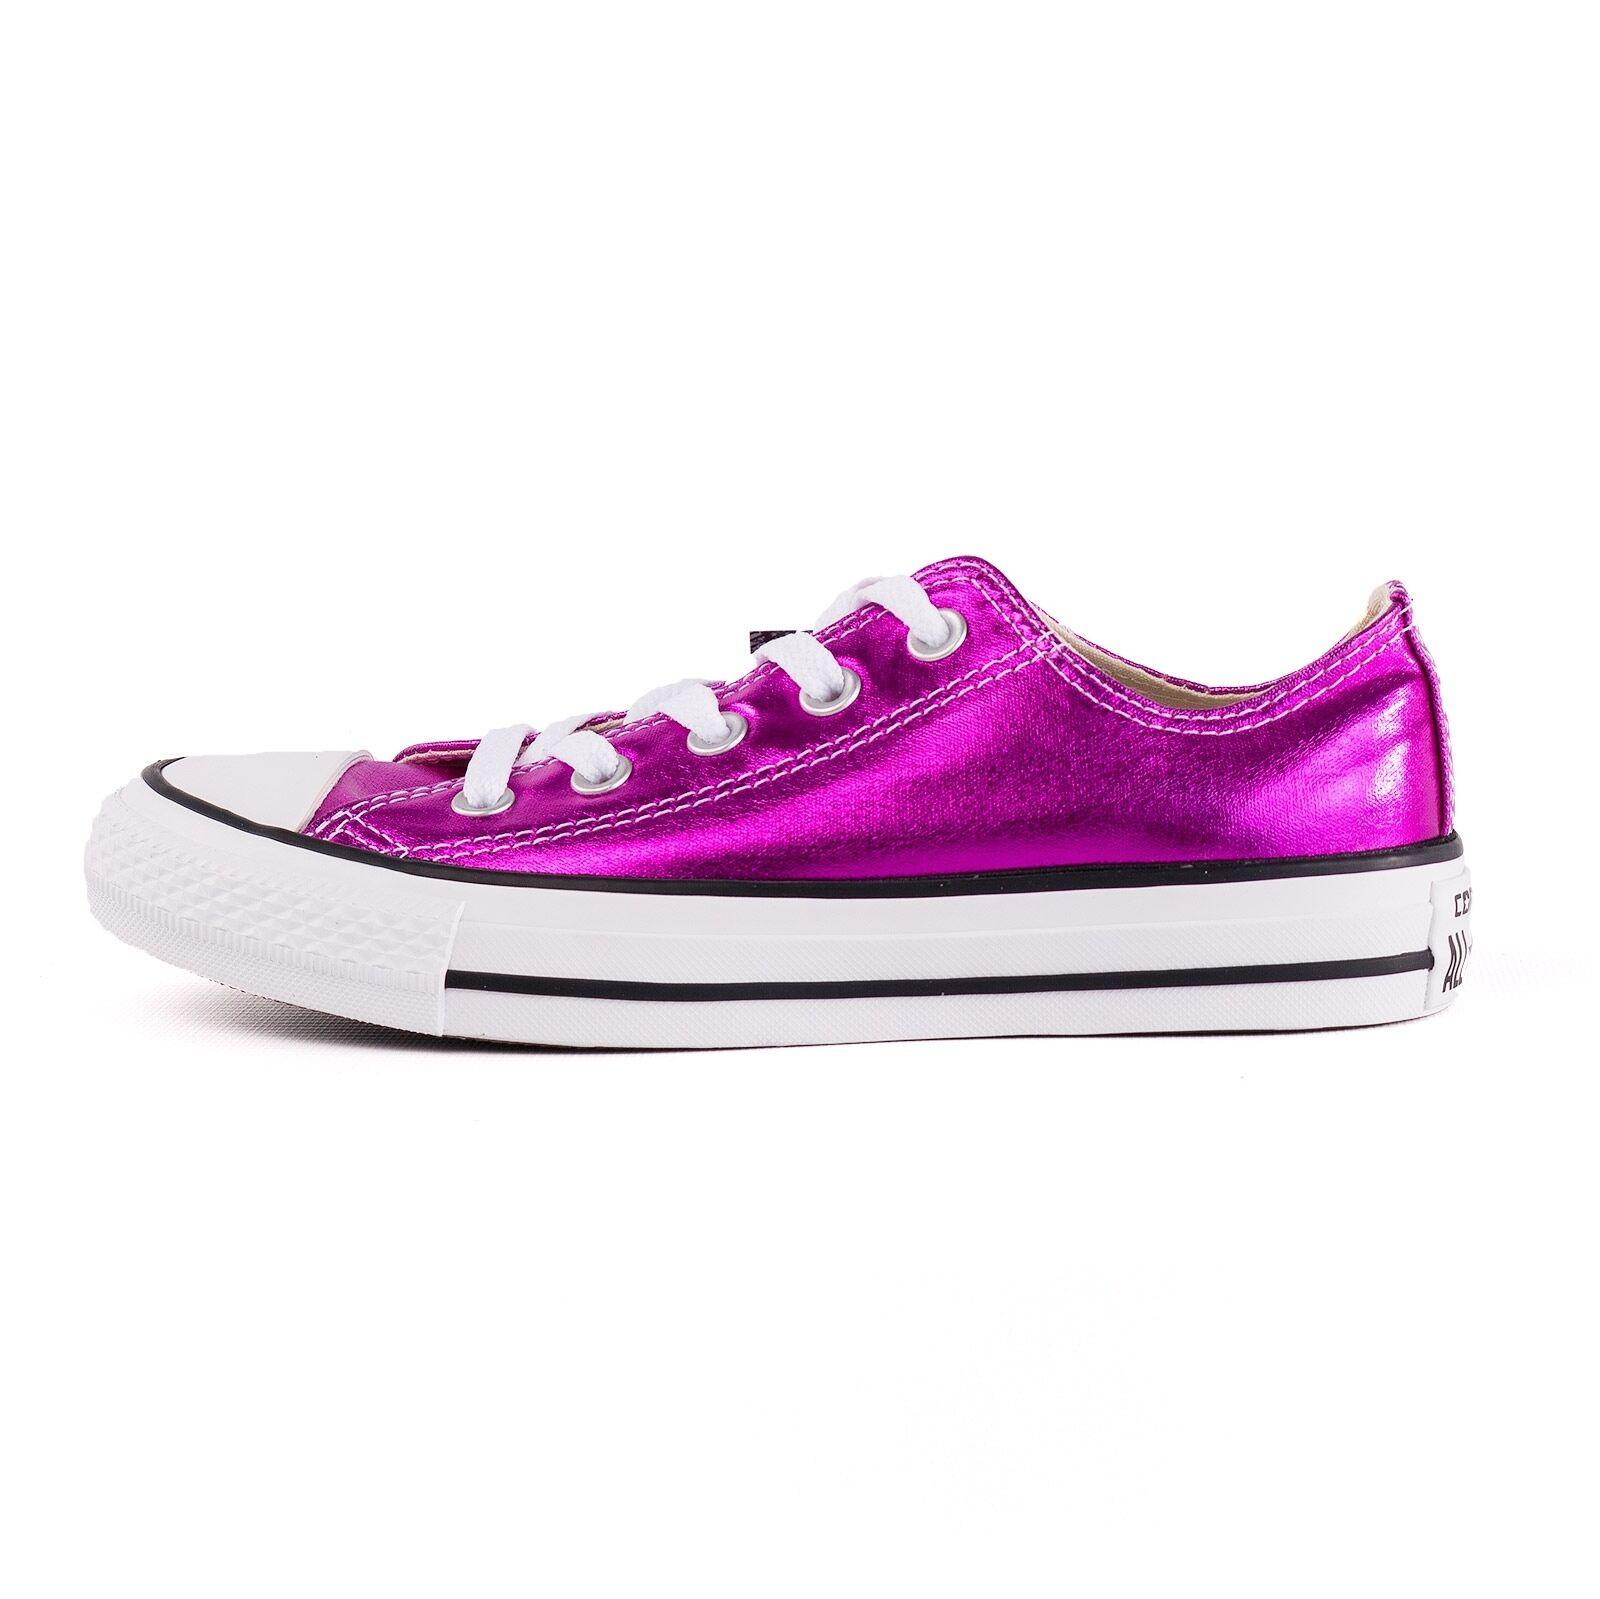 Converse ALM OX Scarpa Donna scarpe da da da ginnastica MAGENTA 51237 0128b5